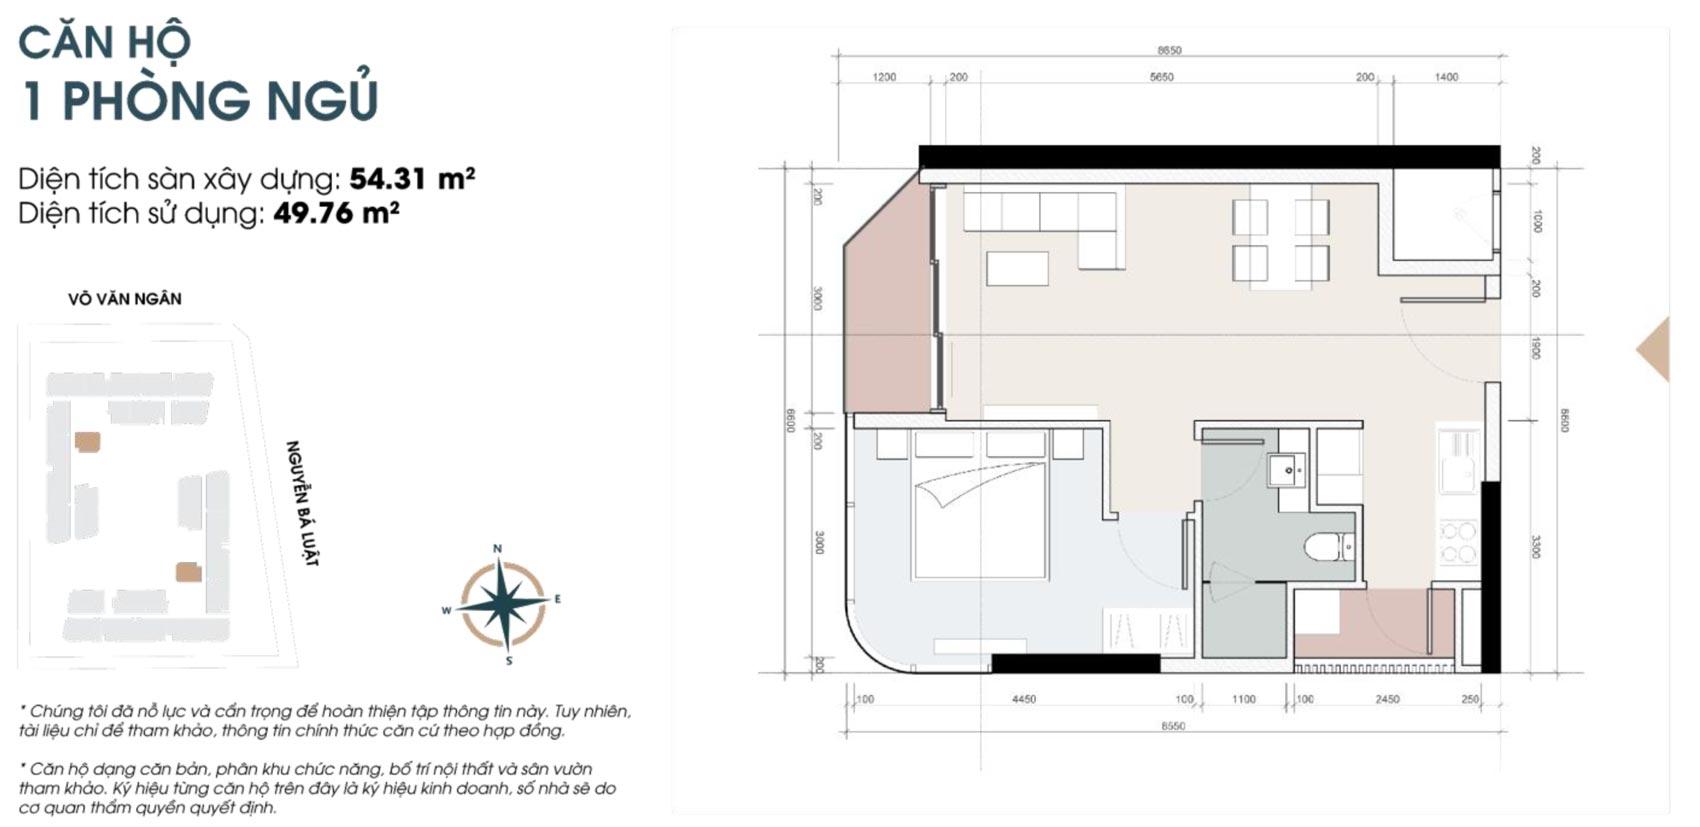 Thiết kế chi tiết dự án căn hộ King Crown Infinity